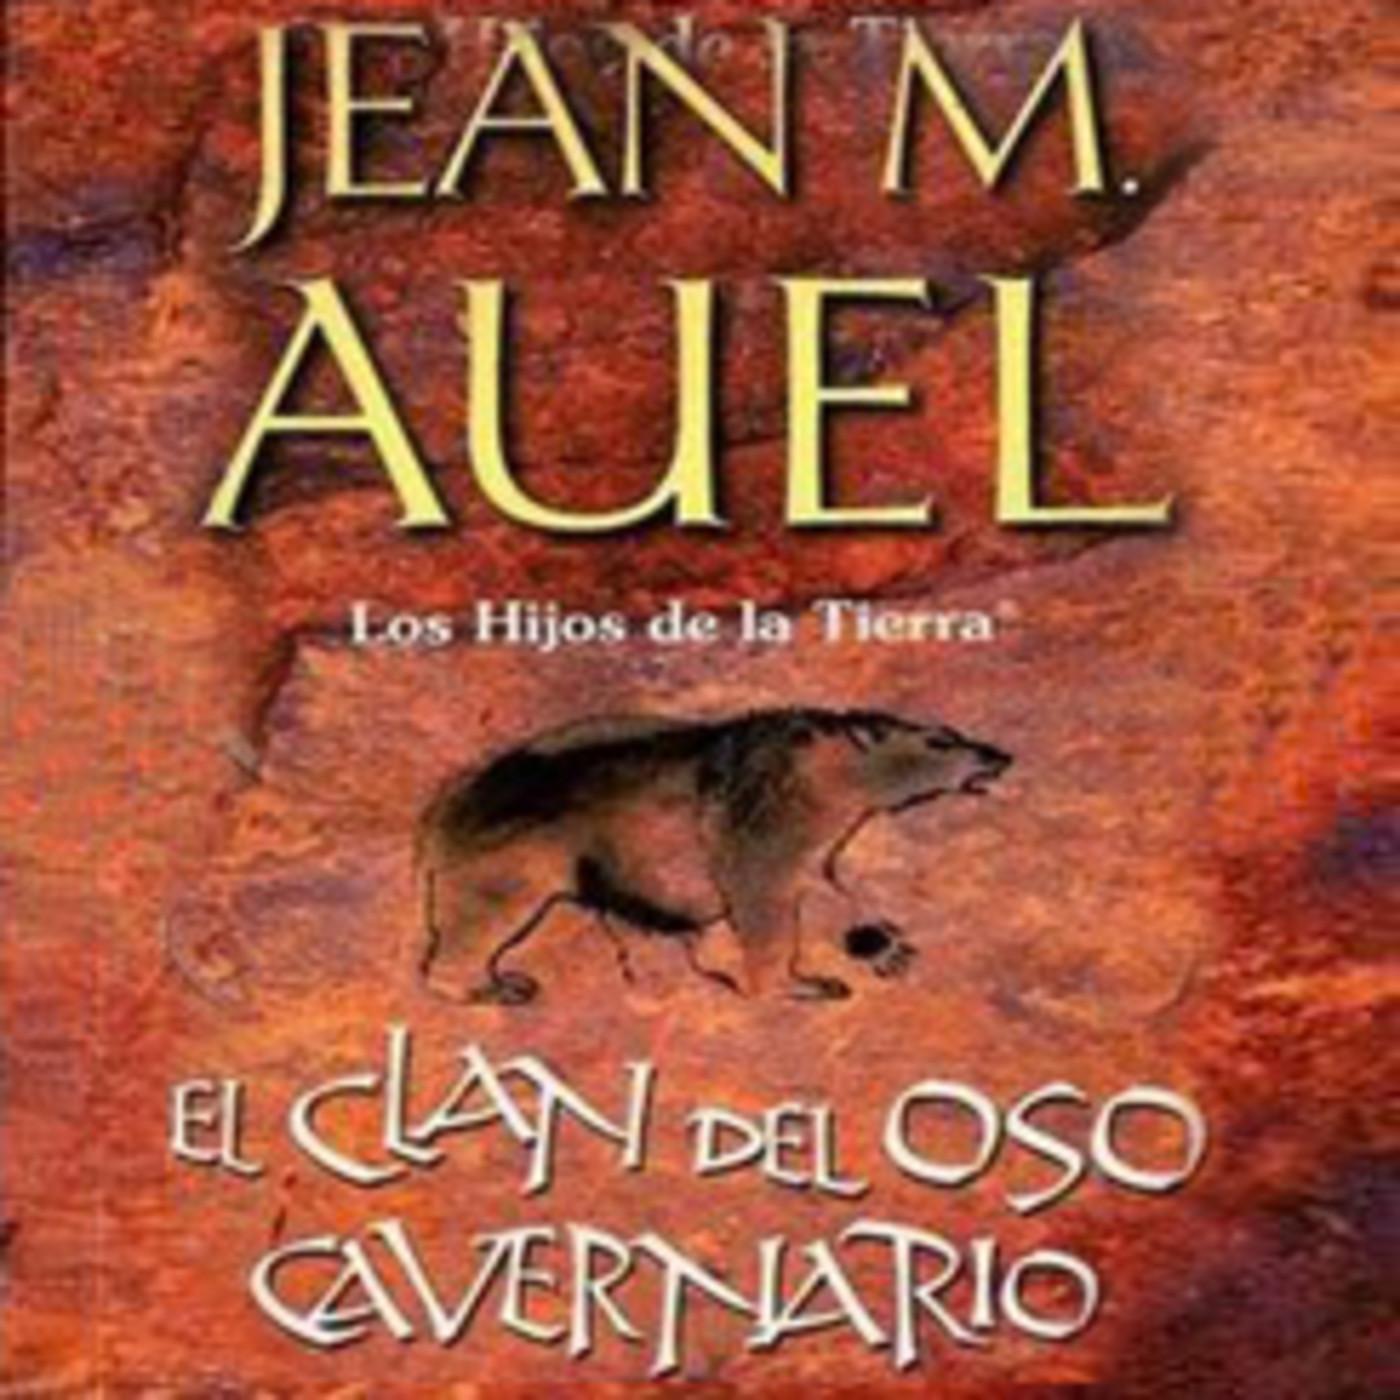 El Clan del Oso Cavernario 32 en EL CLAN DEL OSO CAVERNARIO en mp3(03/06 a  las 23:28:20) 26:48 26329416 - iVoox